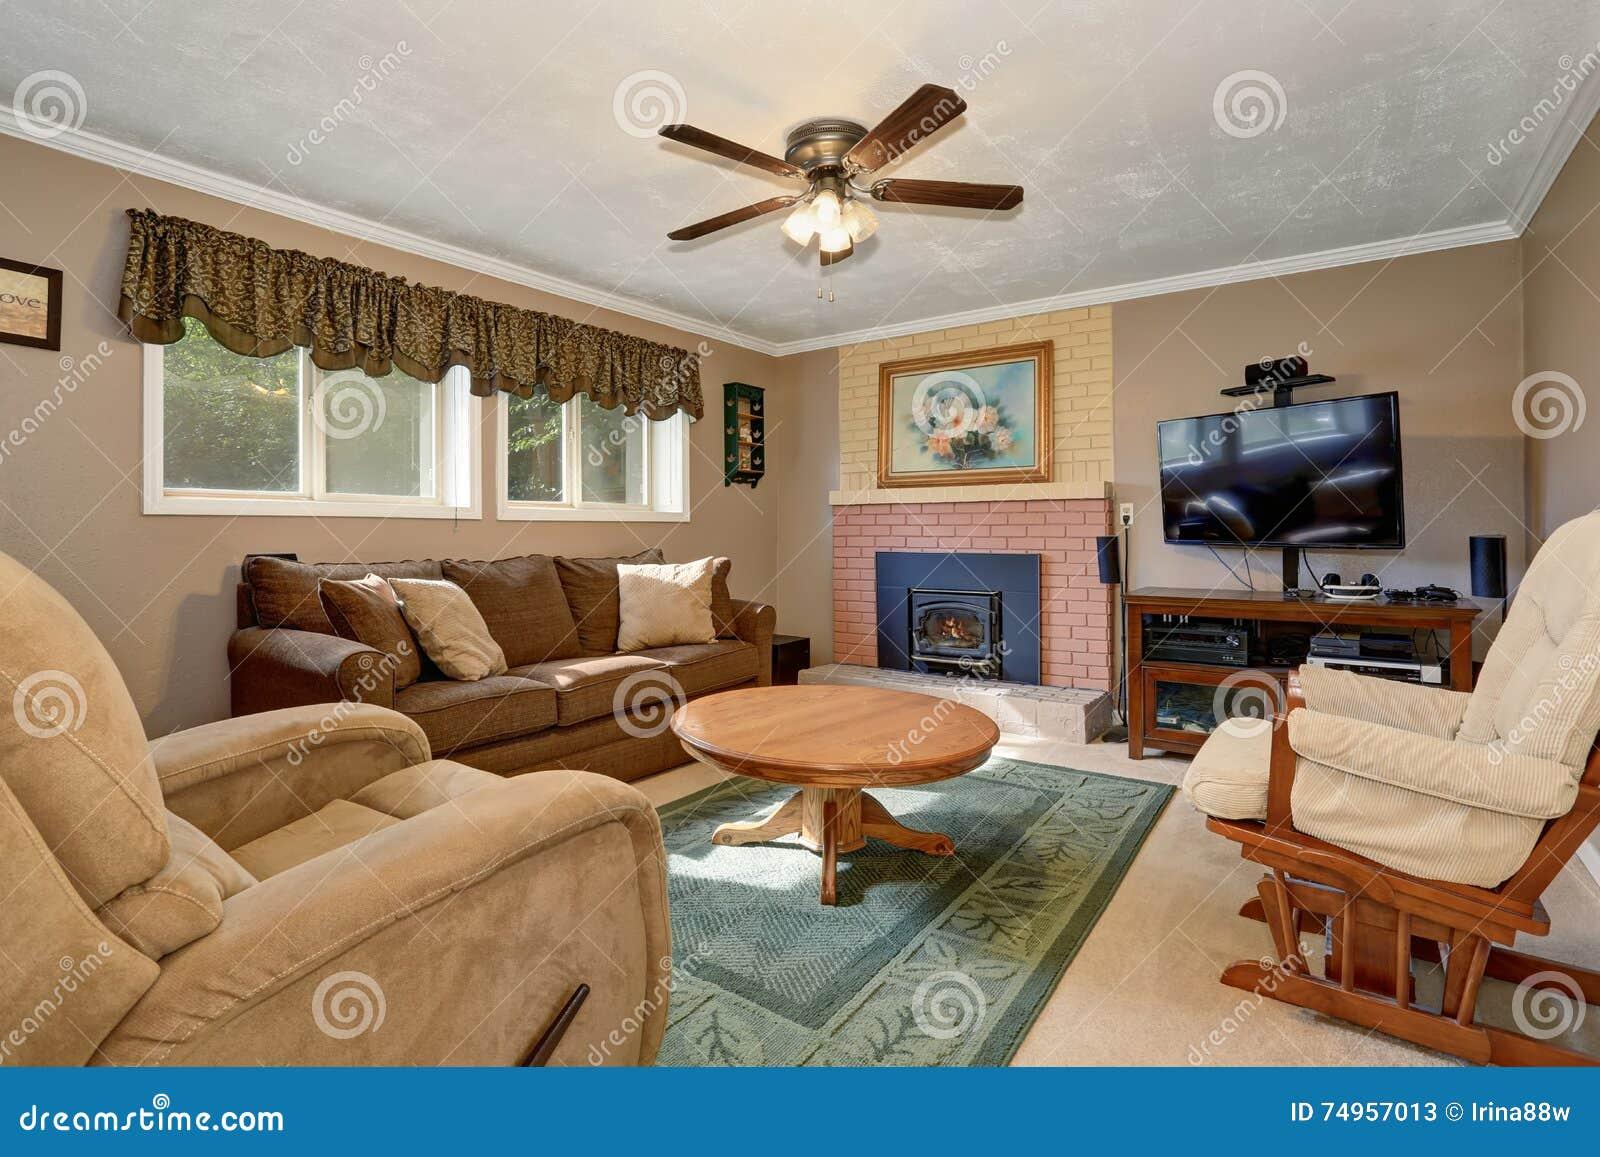 typisches amerikanisches wohnzimmer mit brauner couch und startseite design bilder. Black Bedroom Furniture Sets. Home Design Ideas